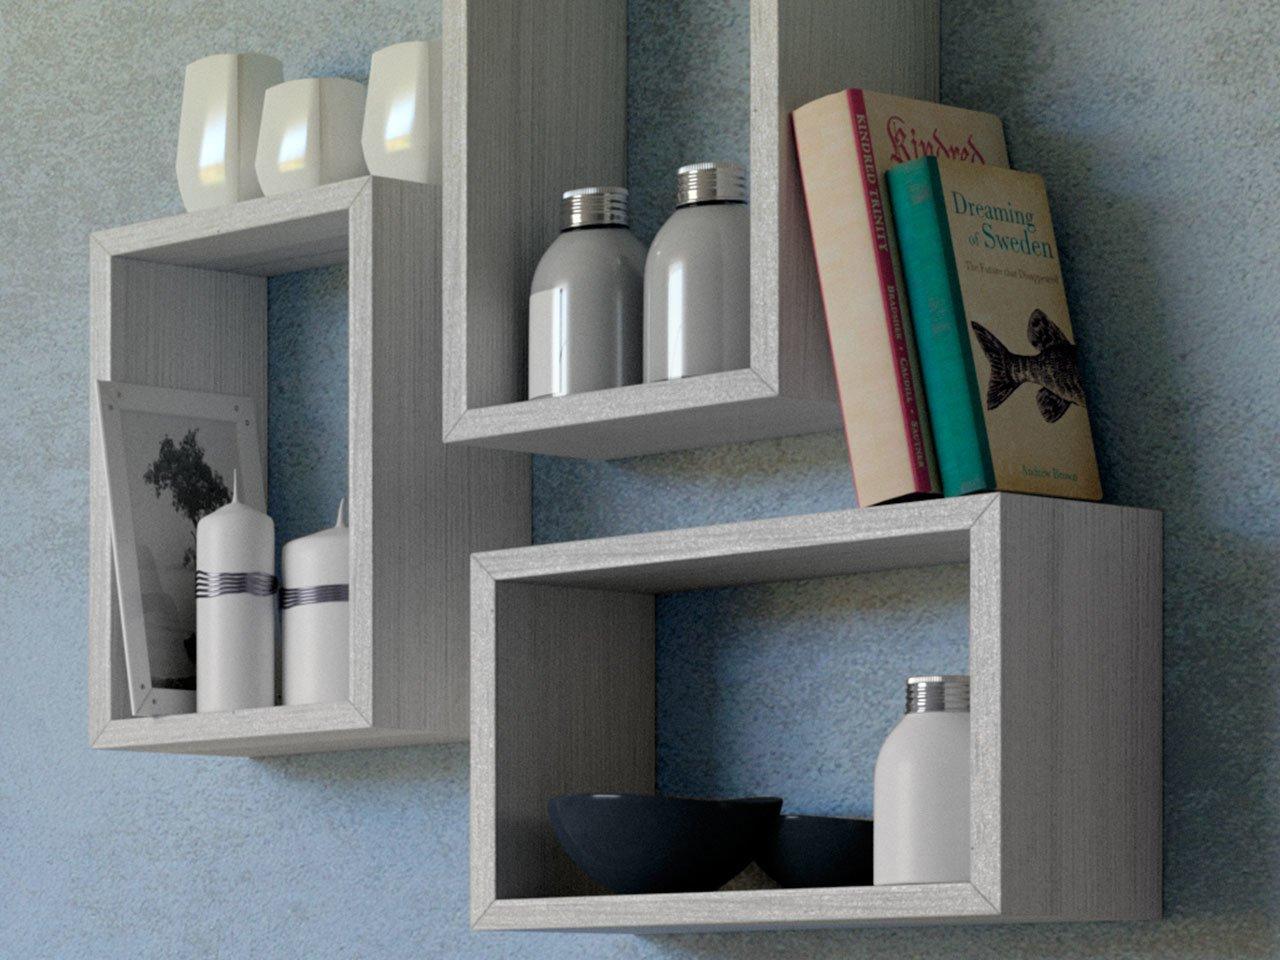 Mobili per bagno offerte roma design casa creativa e for Offerta mobili bagno sospesi